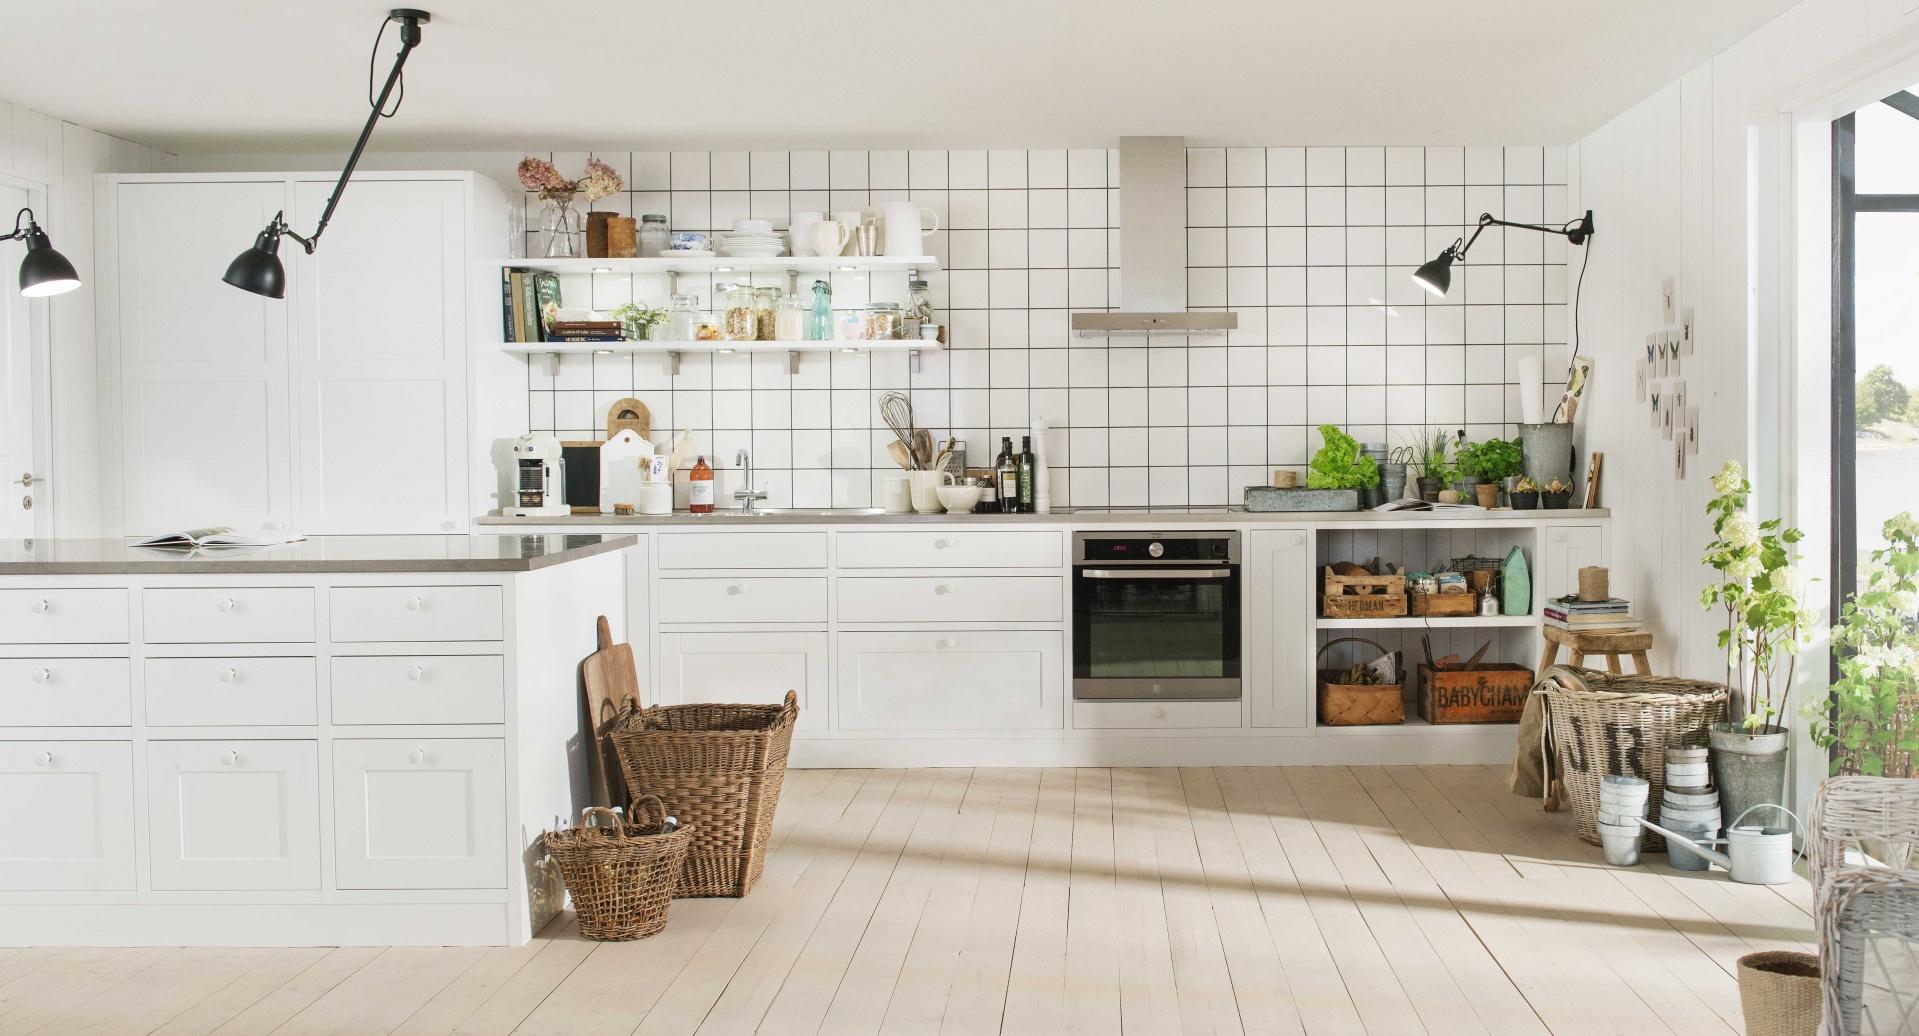 Białe meble kuchenne, jasna drewniana podłoga oraz czarne dodatki w loftowym charakterze - wręcz podręcznikowa aranżacja kuchni w skandynawskim stylu od szwedzkiej marki meblowej. Fot. Marbodal